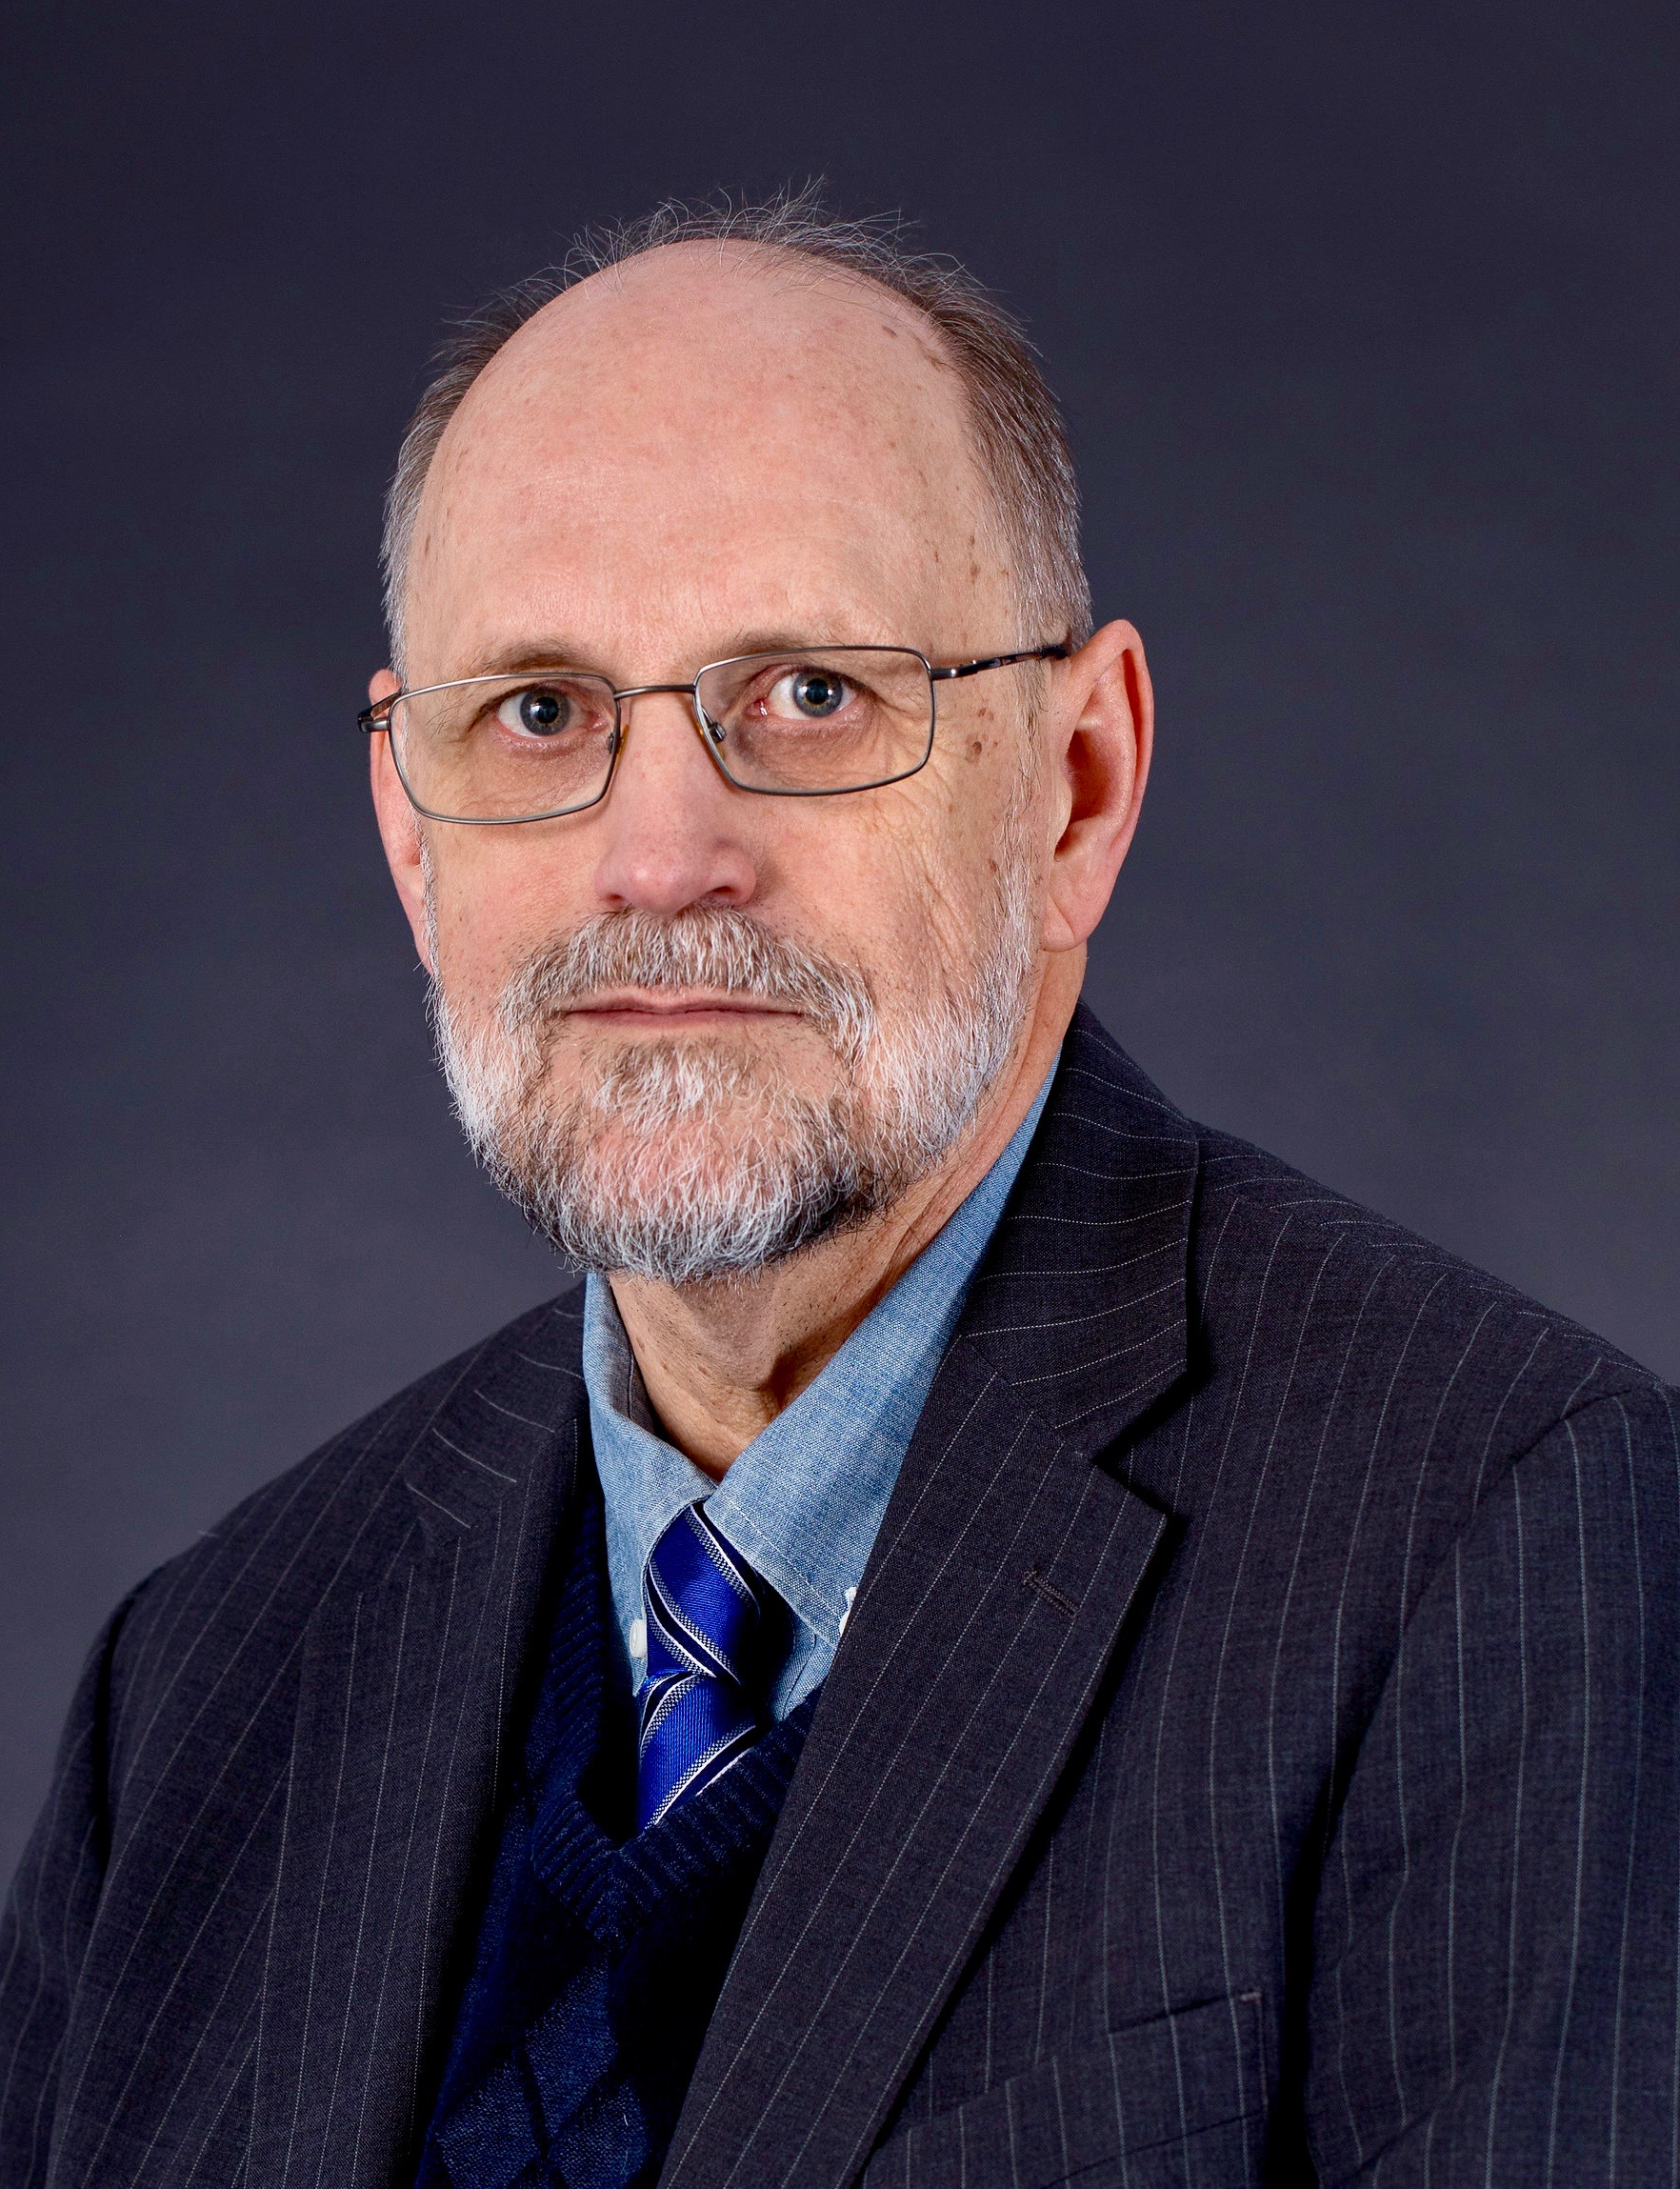 Mark Pierzchala, Rockville City Council